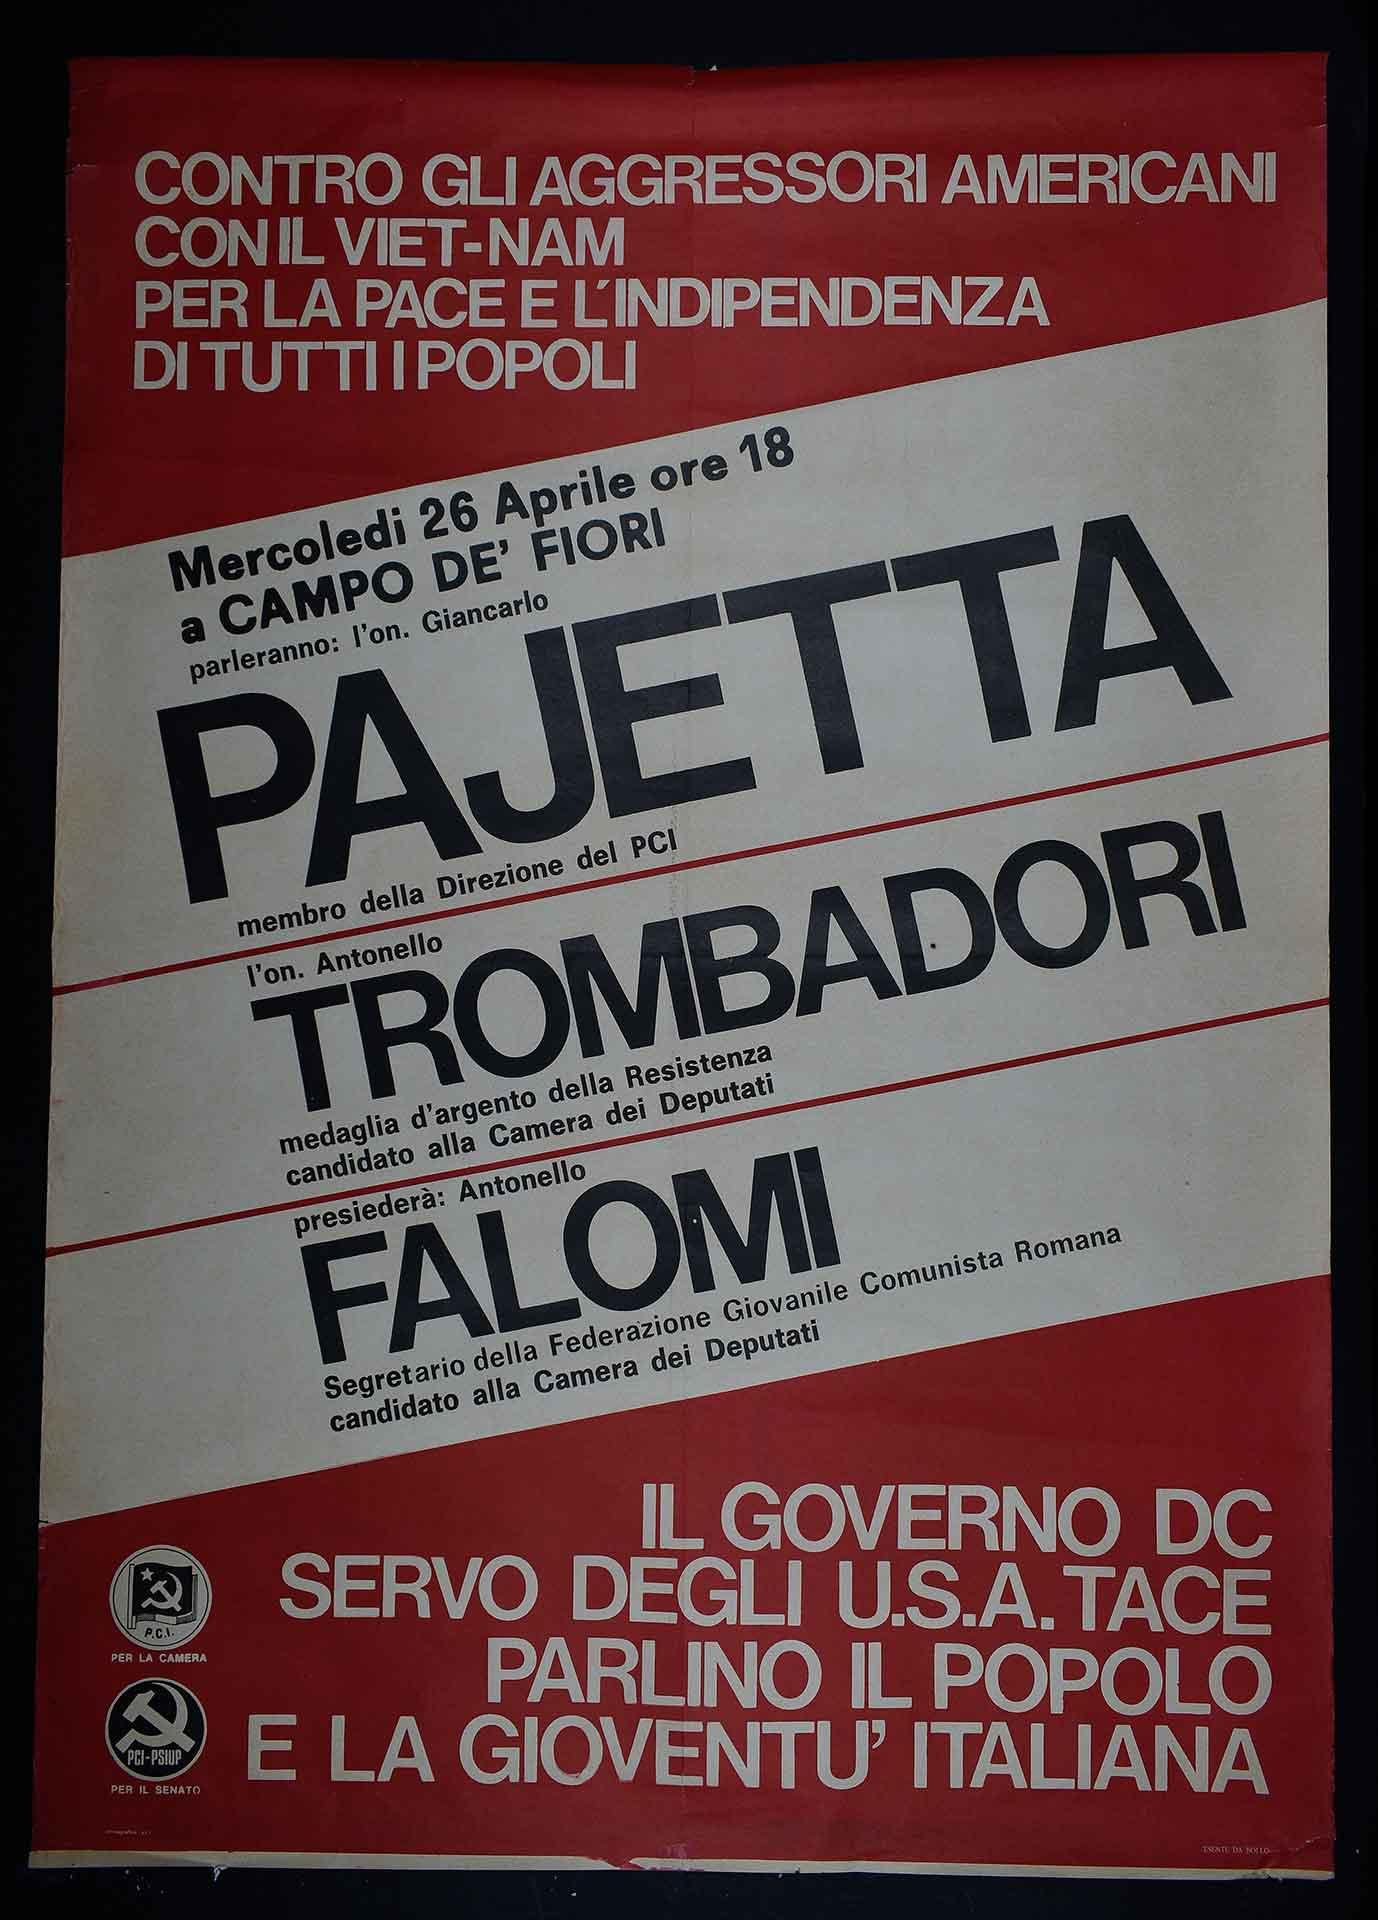 Partito comunista italiano (PCI) e Partito socialista di unità proletaria (PSIUP), manifestazione pubblica per le elezioni politiche. Stampa Ormagrafica, Roma. Campagna elettorale.